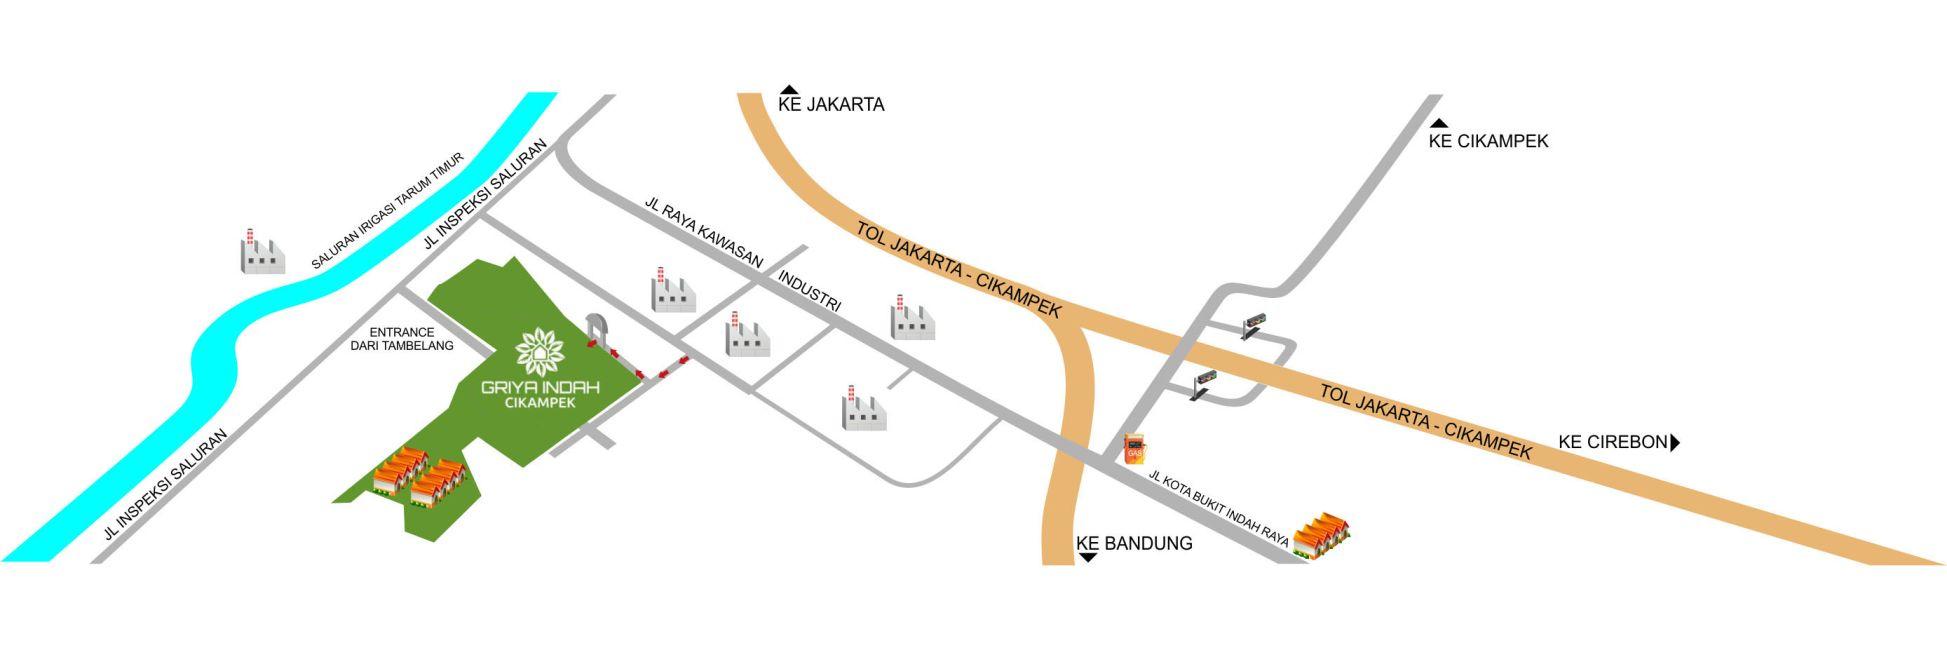 Residensial + Komersial Griya Indah Cikampek di Karawang